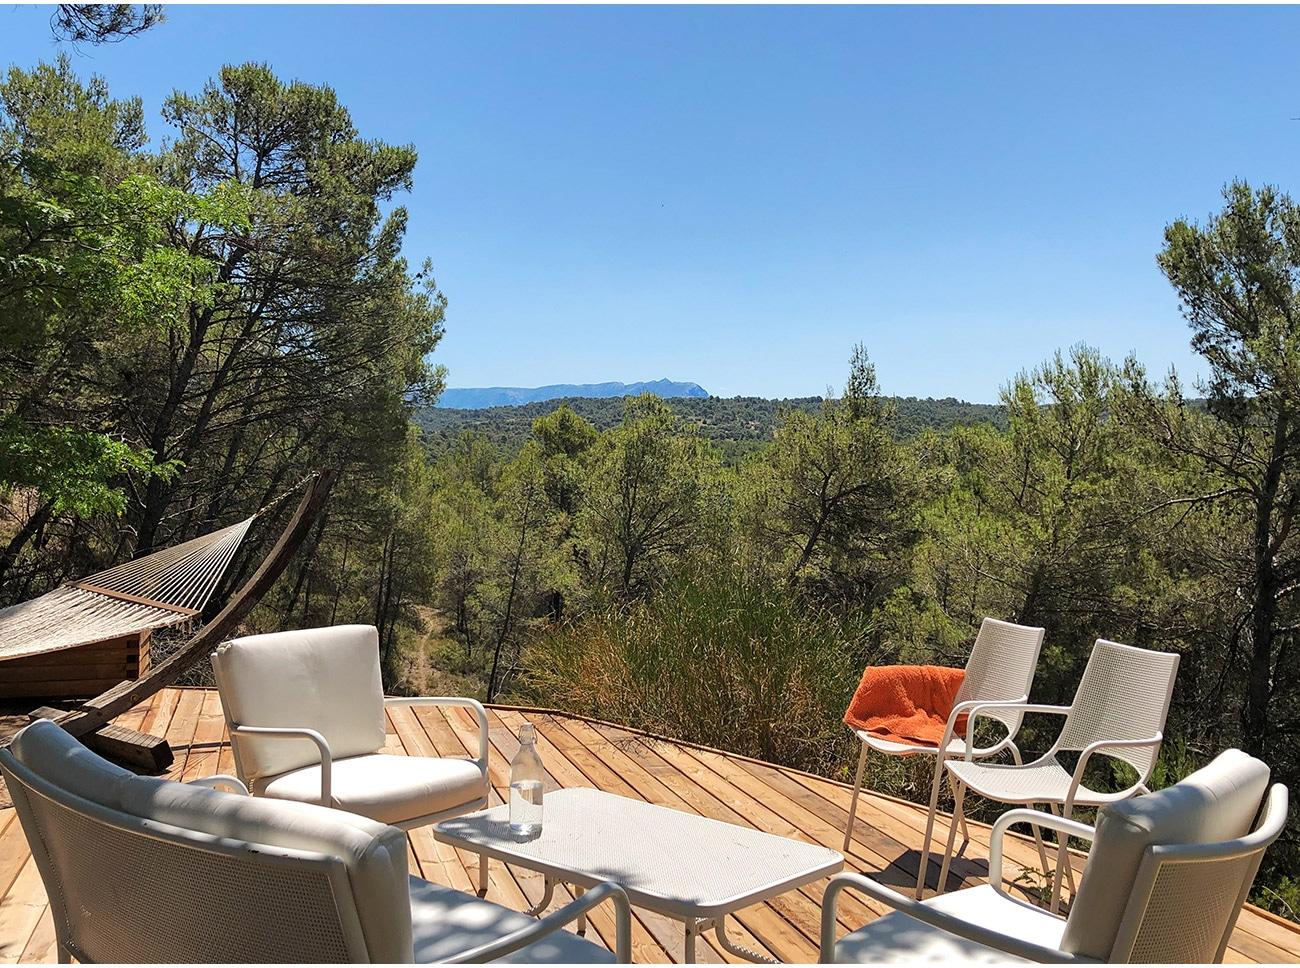 Atelier Naudier - Architecte paysagiste concepteur - Montpellier et Aix en Provence - Jardin terrasse bois avec vue Sainte Victoire - aménagement jardin